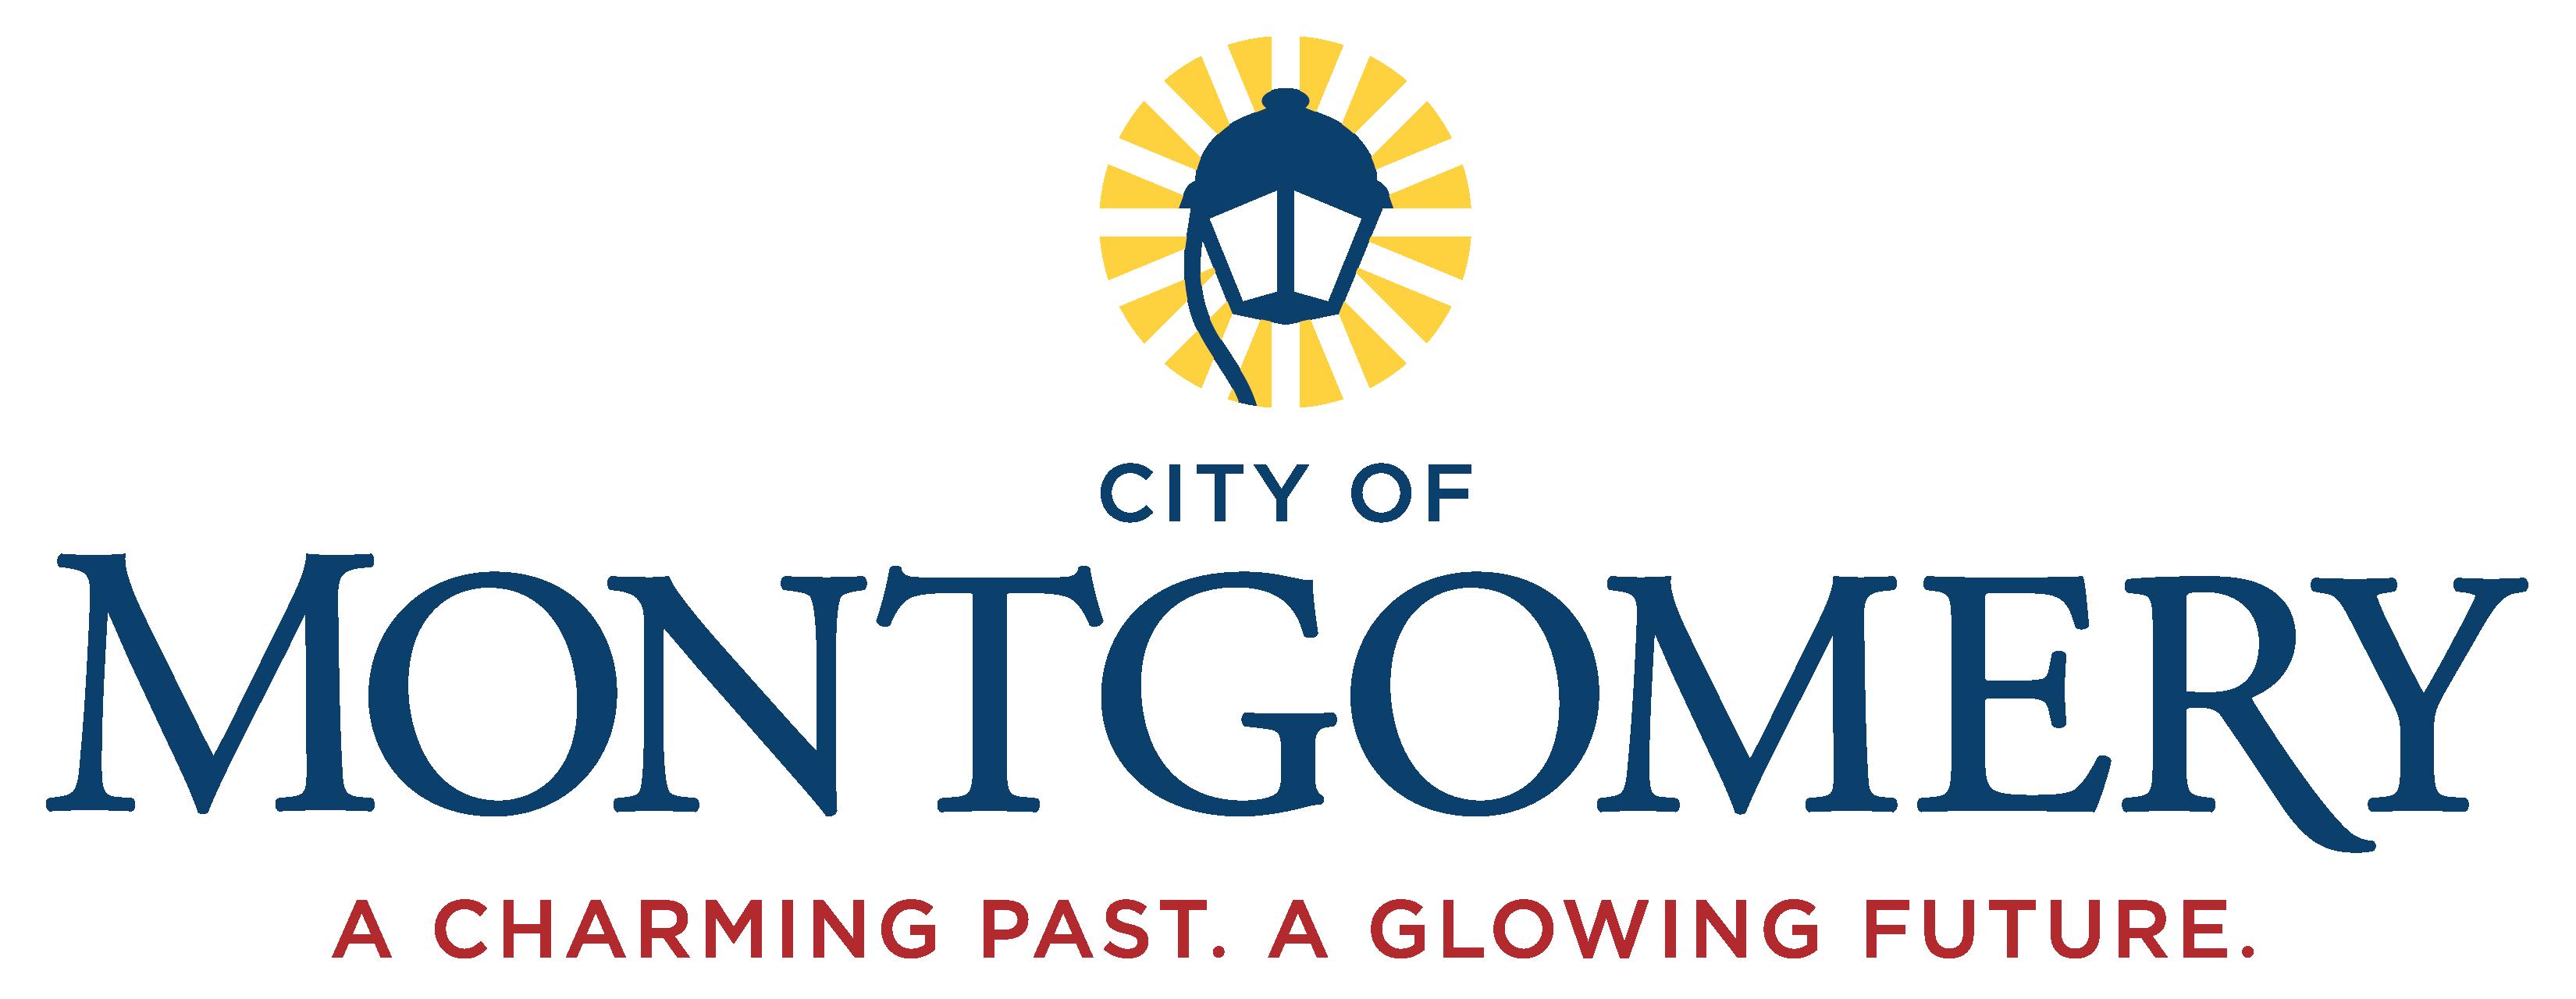 City of Montgomery logo